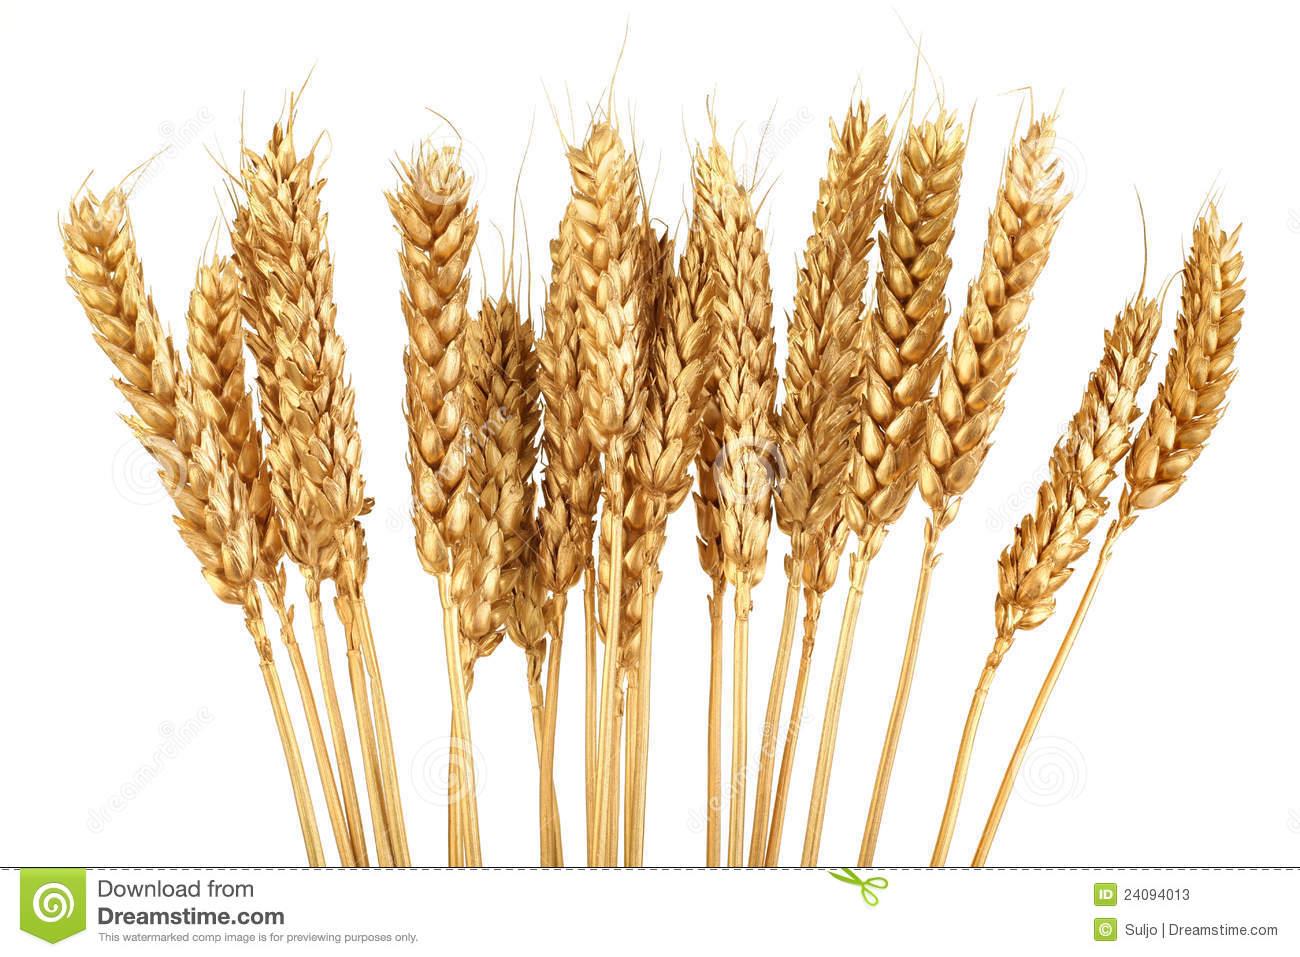 Grain clipart #2, Download drawings